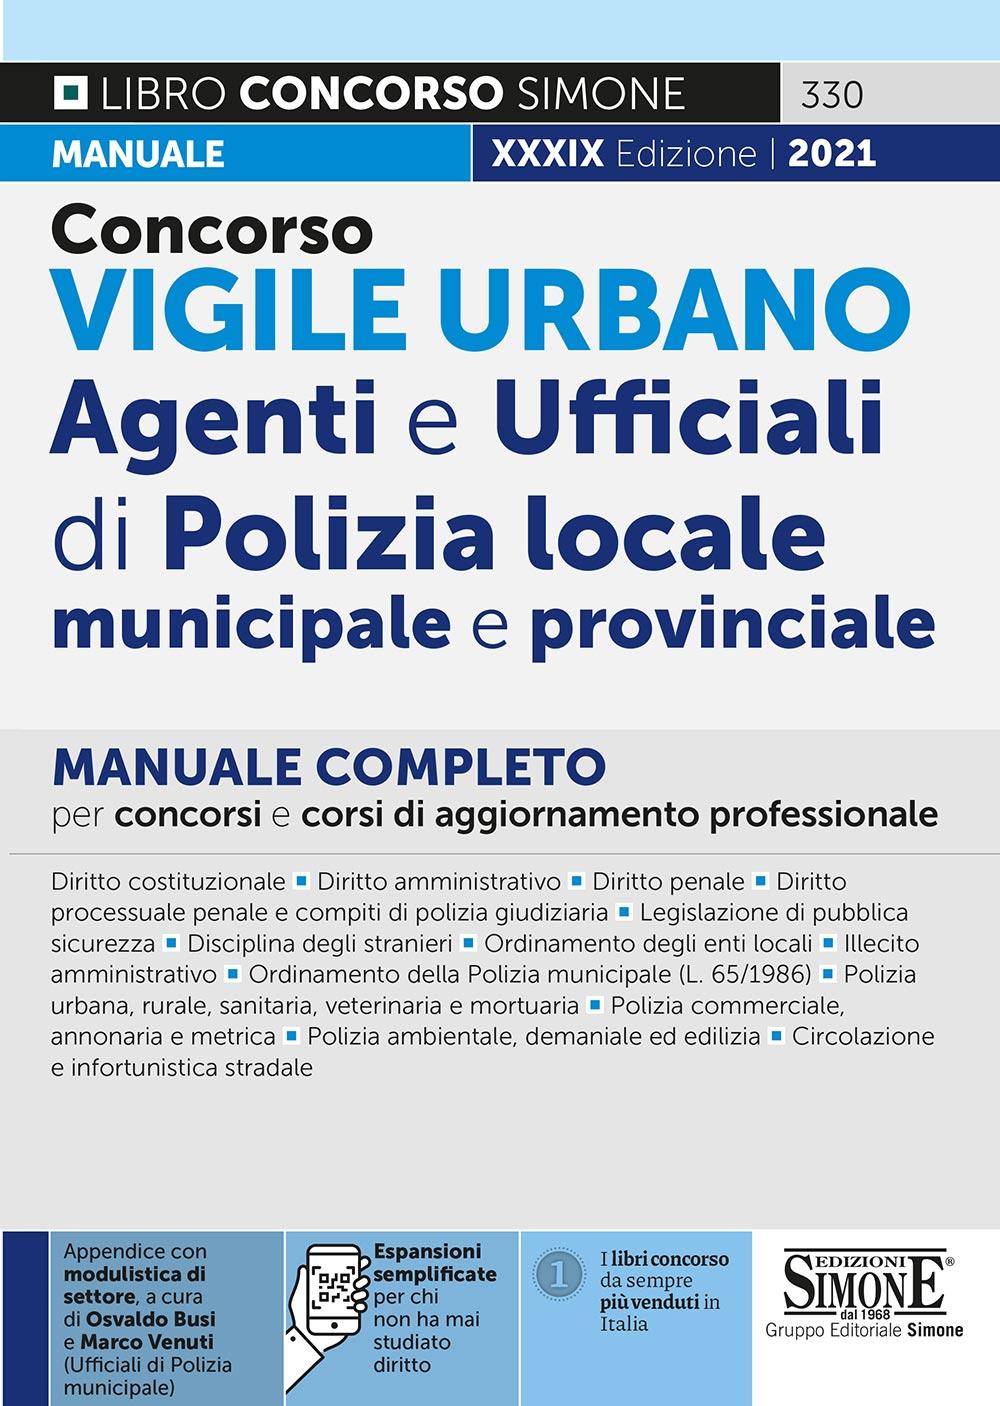 Manuale Concorso Vigile urbano